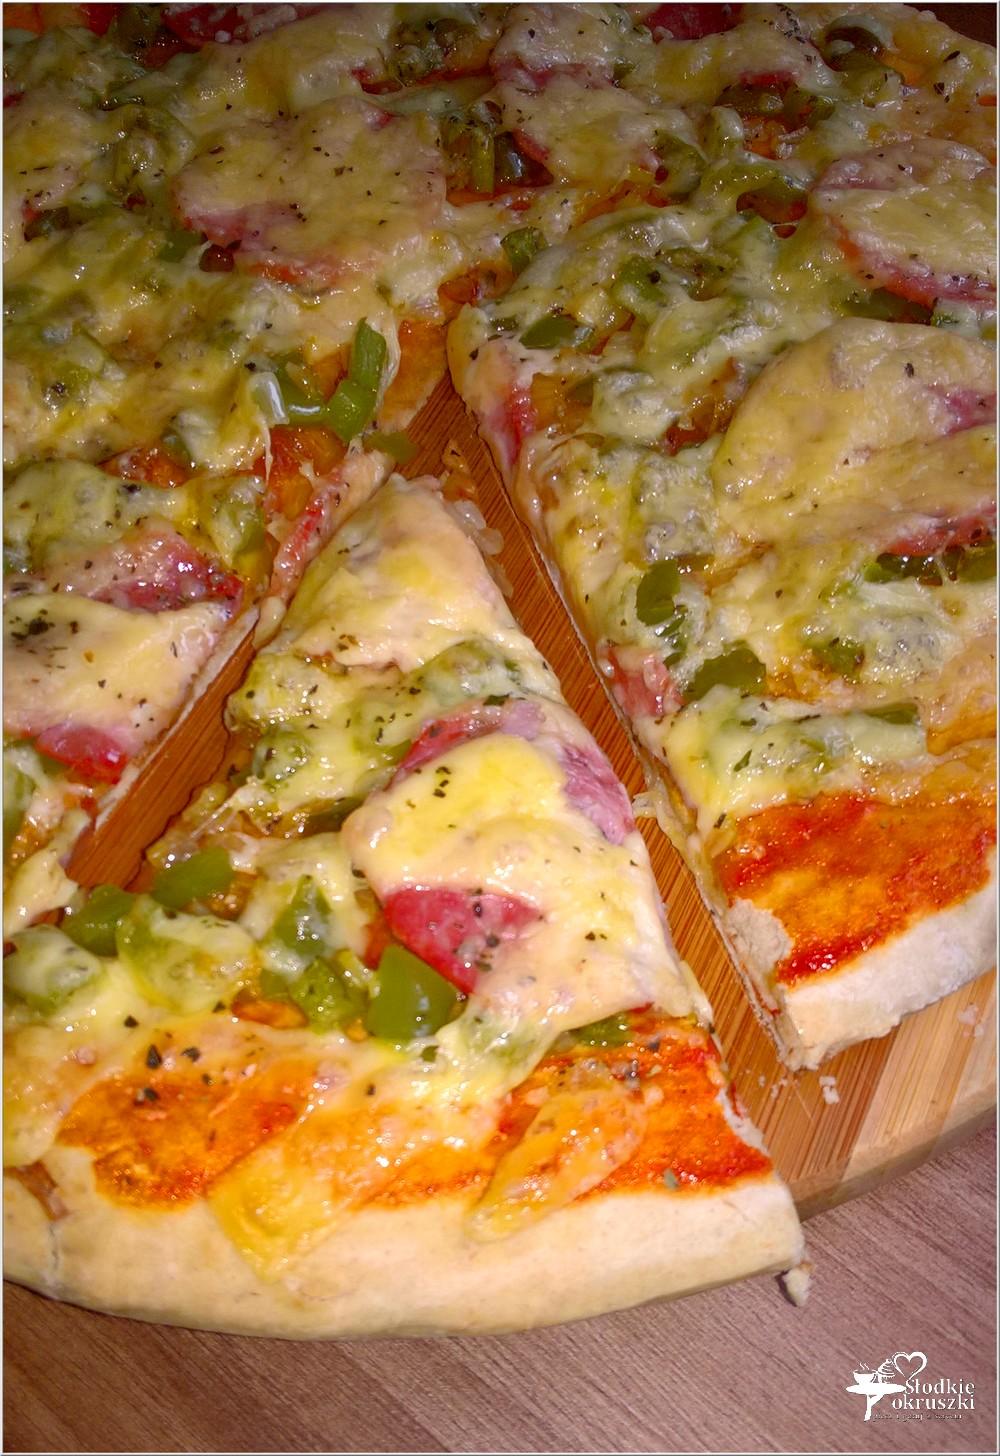 Pizza z zieloną papryką i kiełbasą krakowską podsuszaną (2)